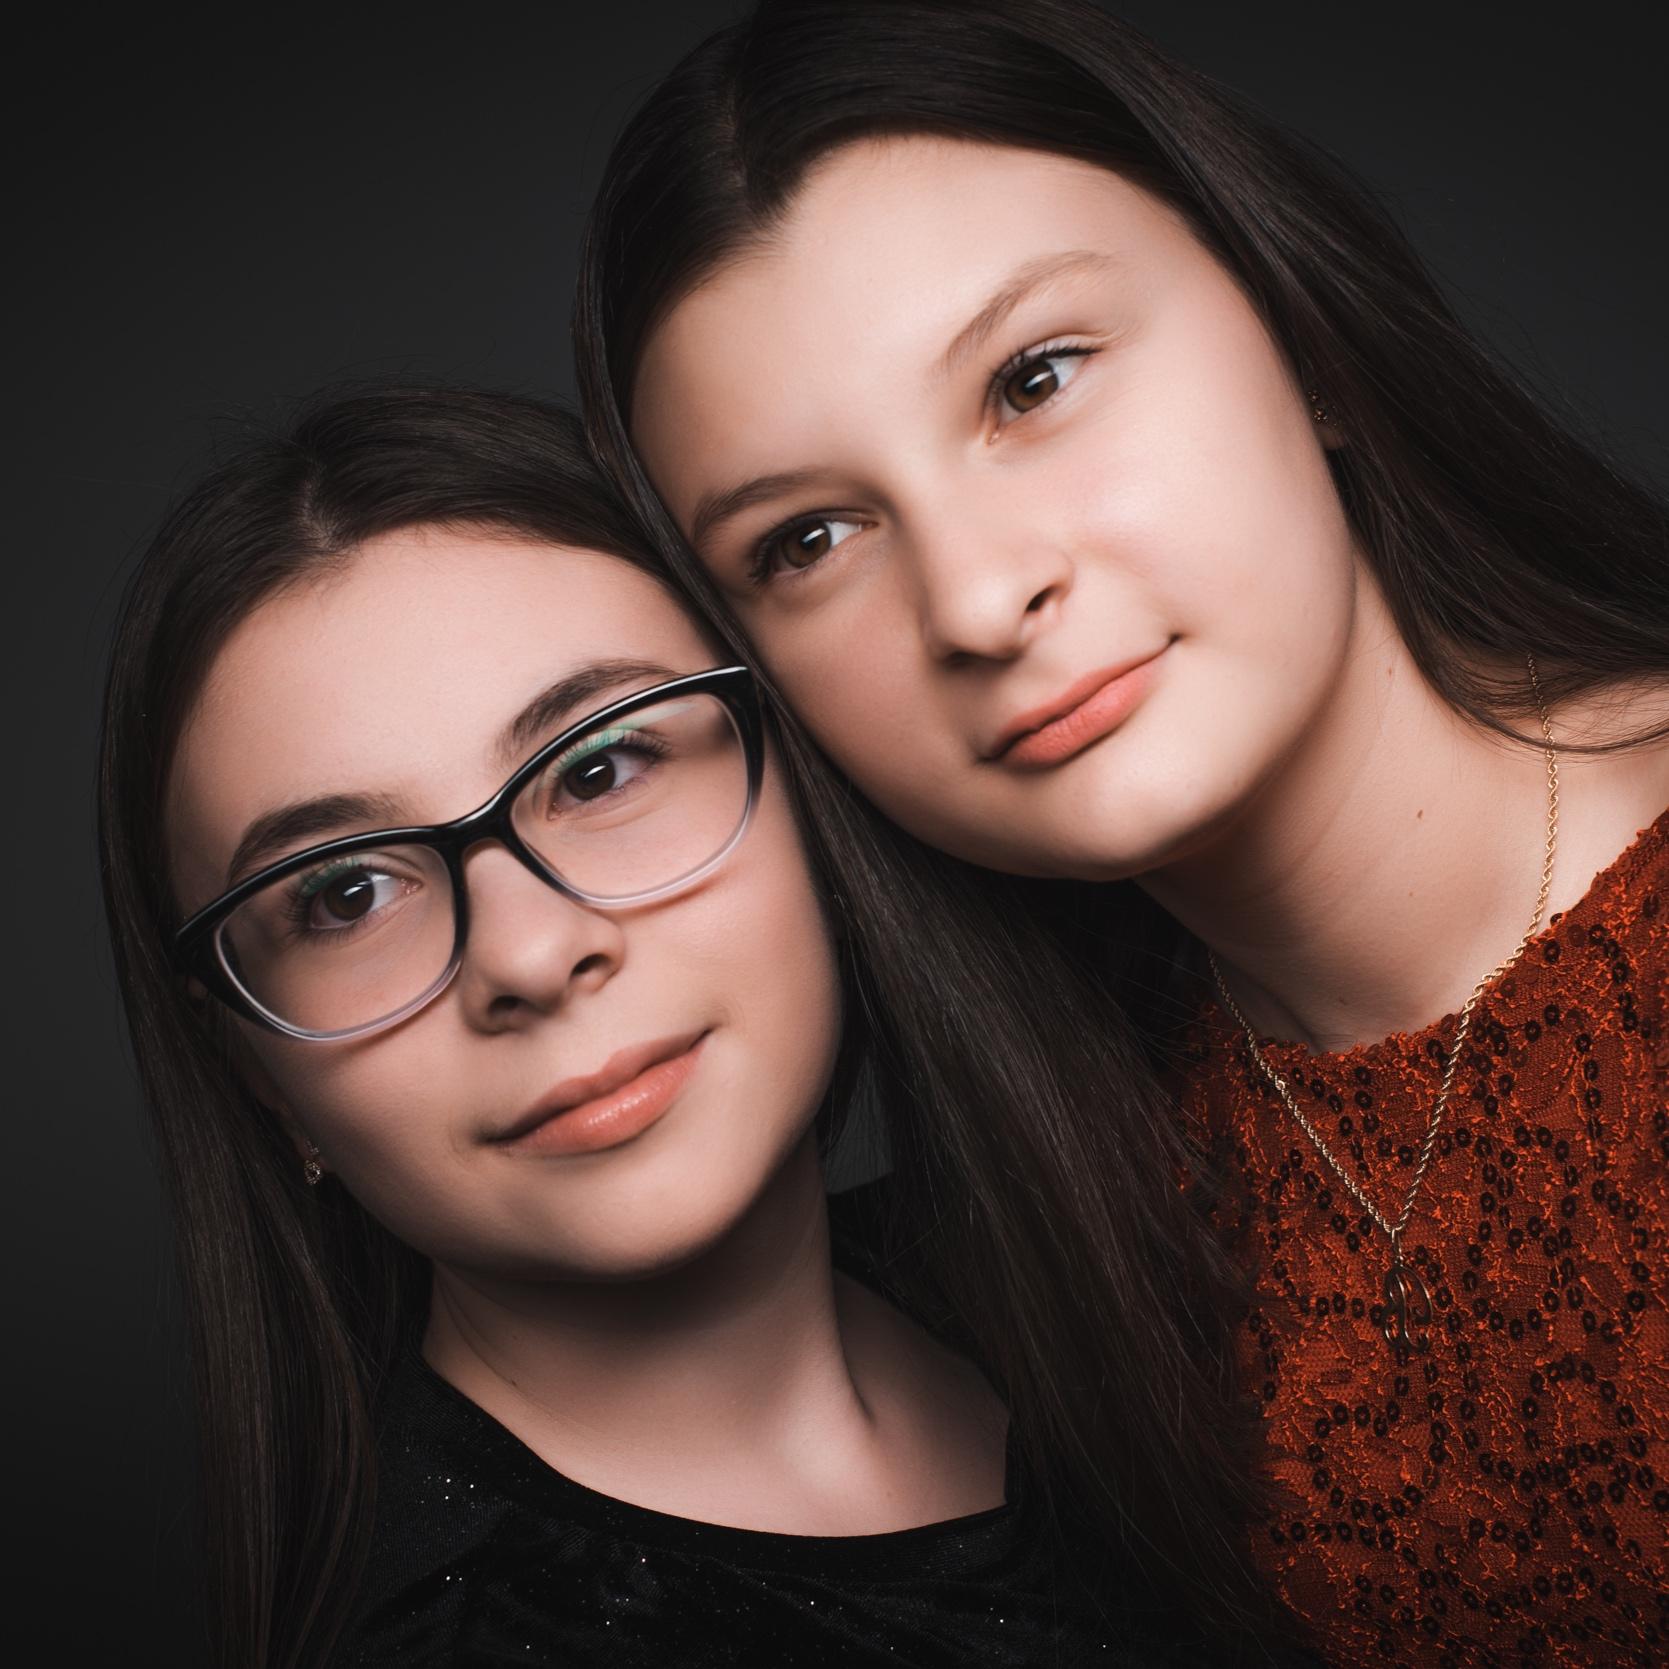 Andrea & Bianca - Studio portaits.